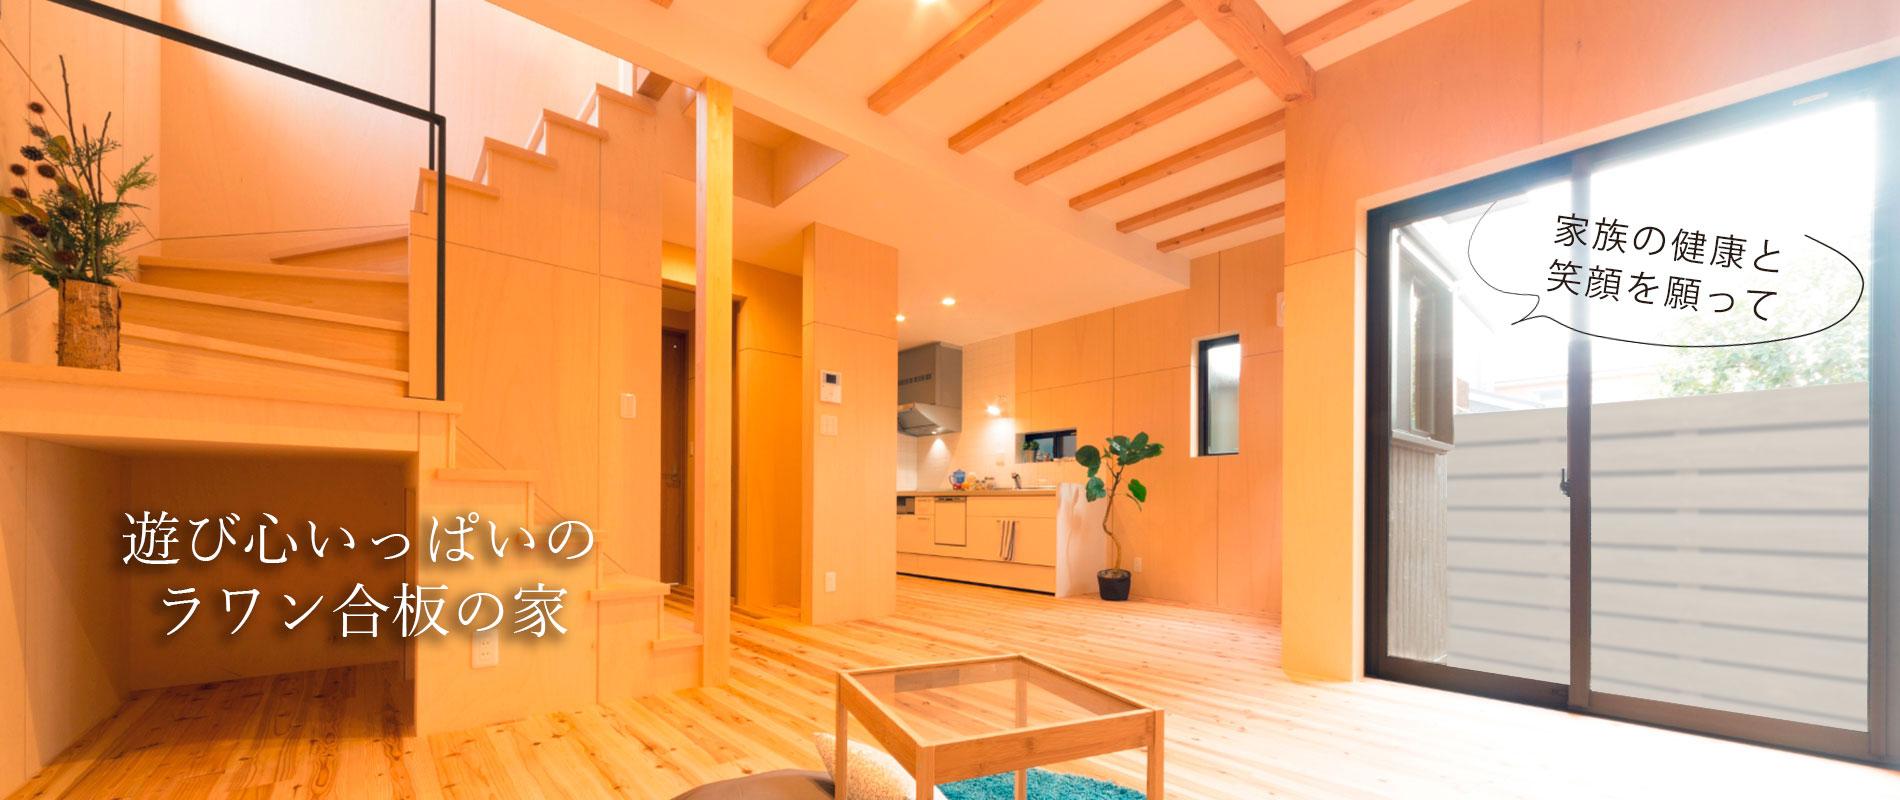 神戸市の一戸建て住宅